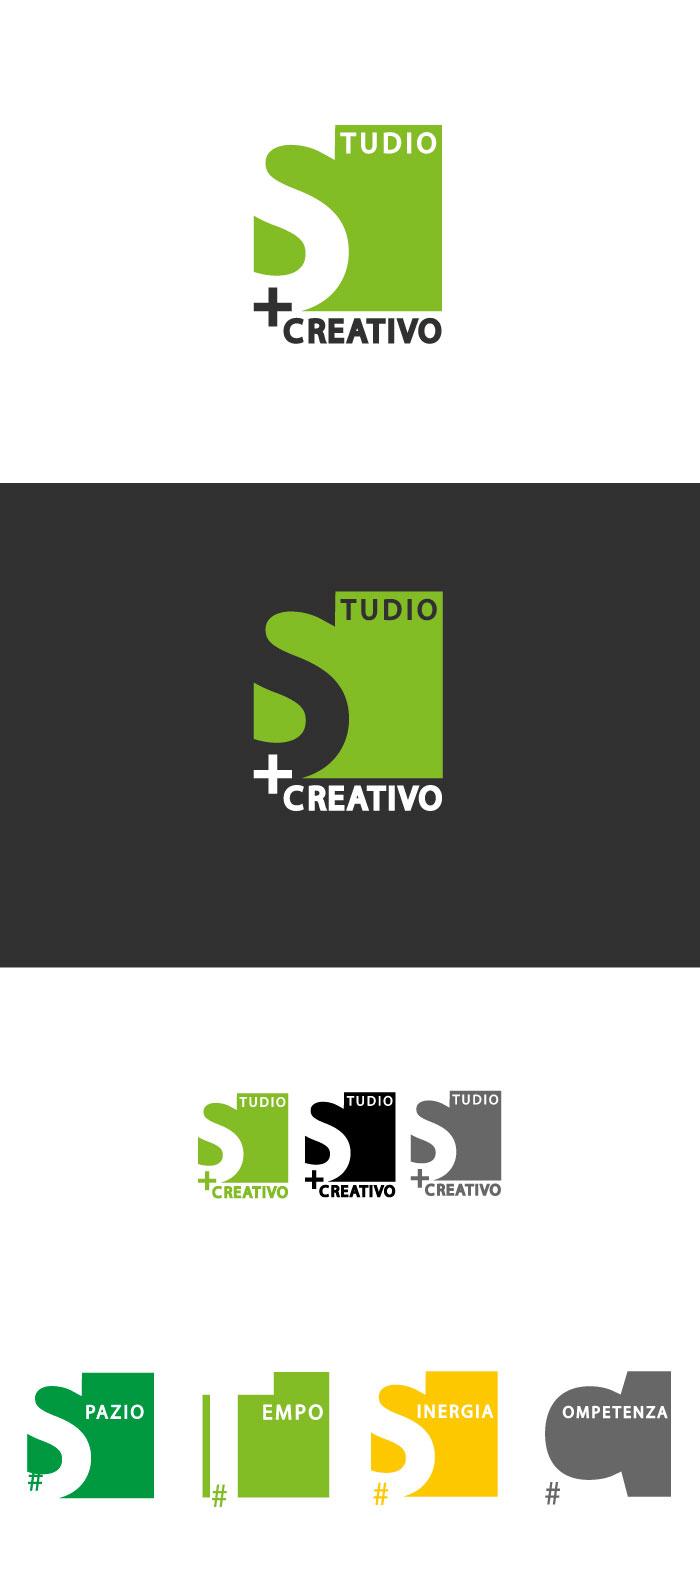 Studio + Creativo - Logo, studio, creativo, architettura, napoli, colori, quadrato, competenza, sinergia, spazio, tempo, diana petrarca, graphic design, grafica, logo, creatività